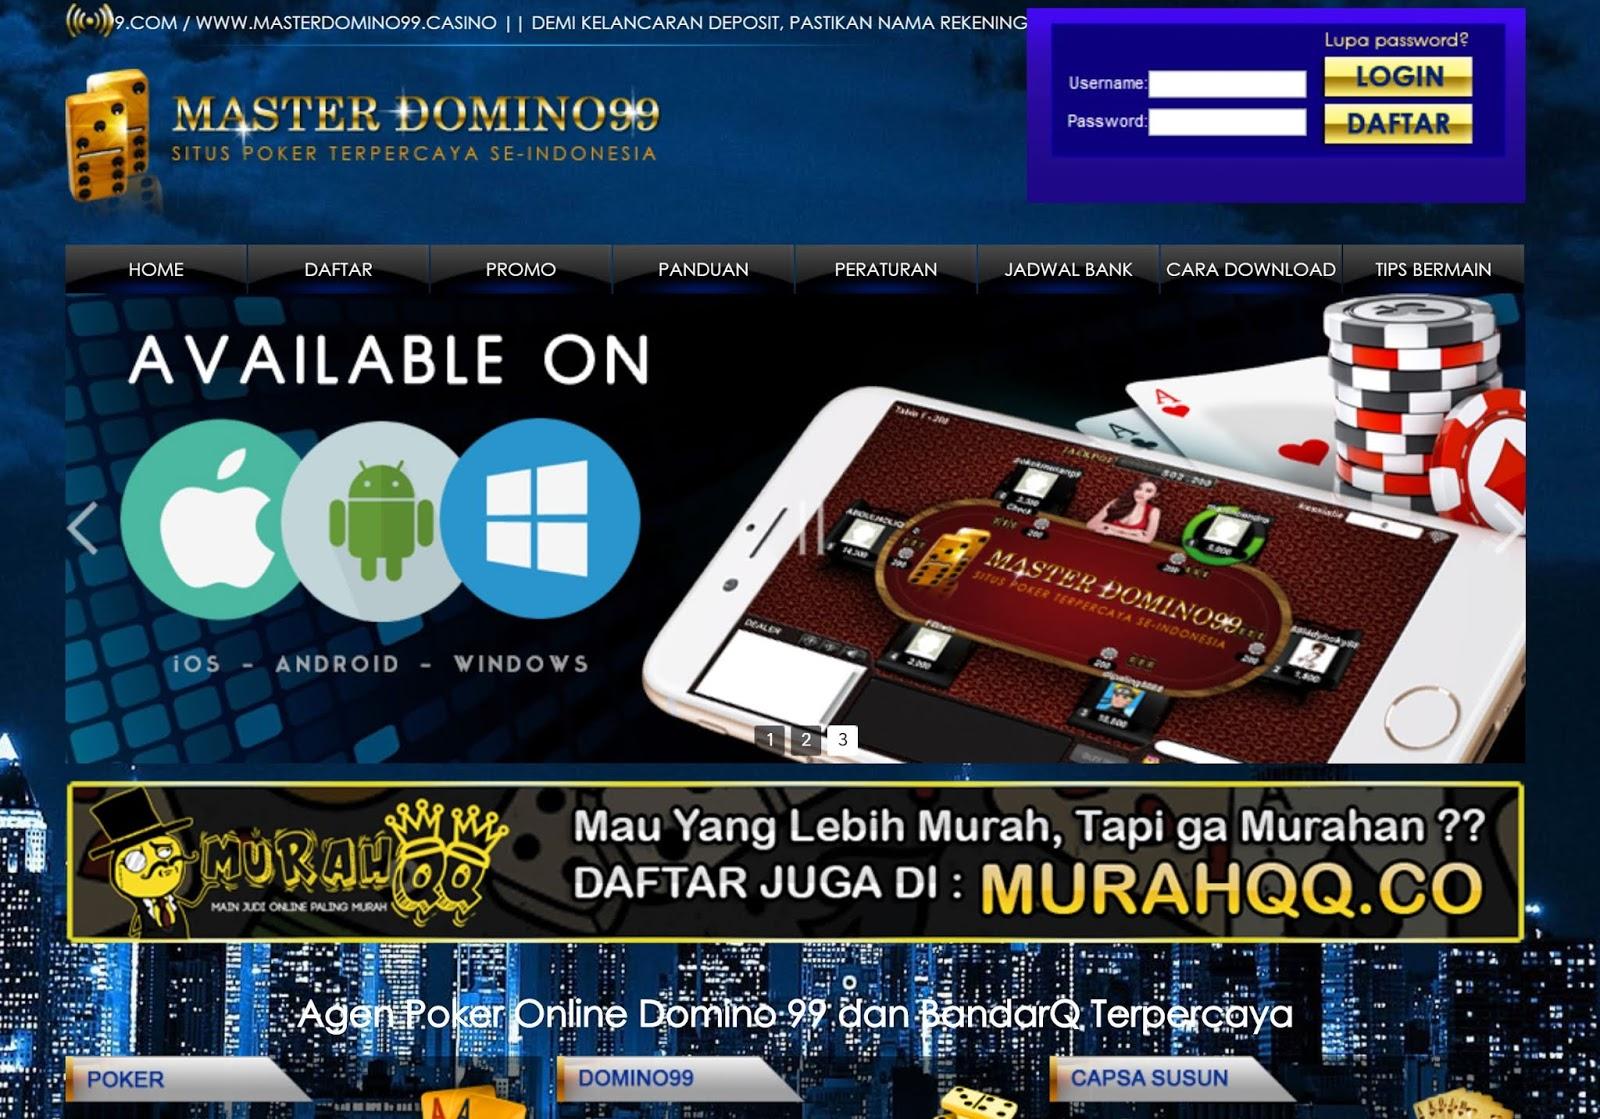 Kumpulan Situs Judi Qq Online Terpercaya 2019